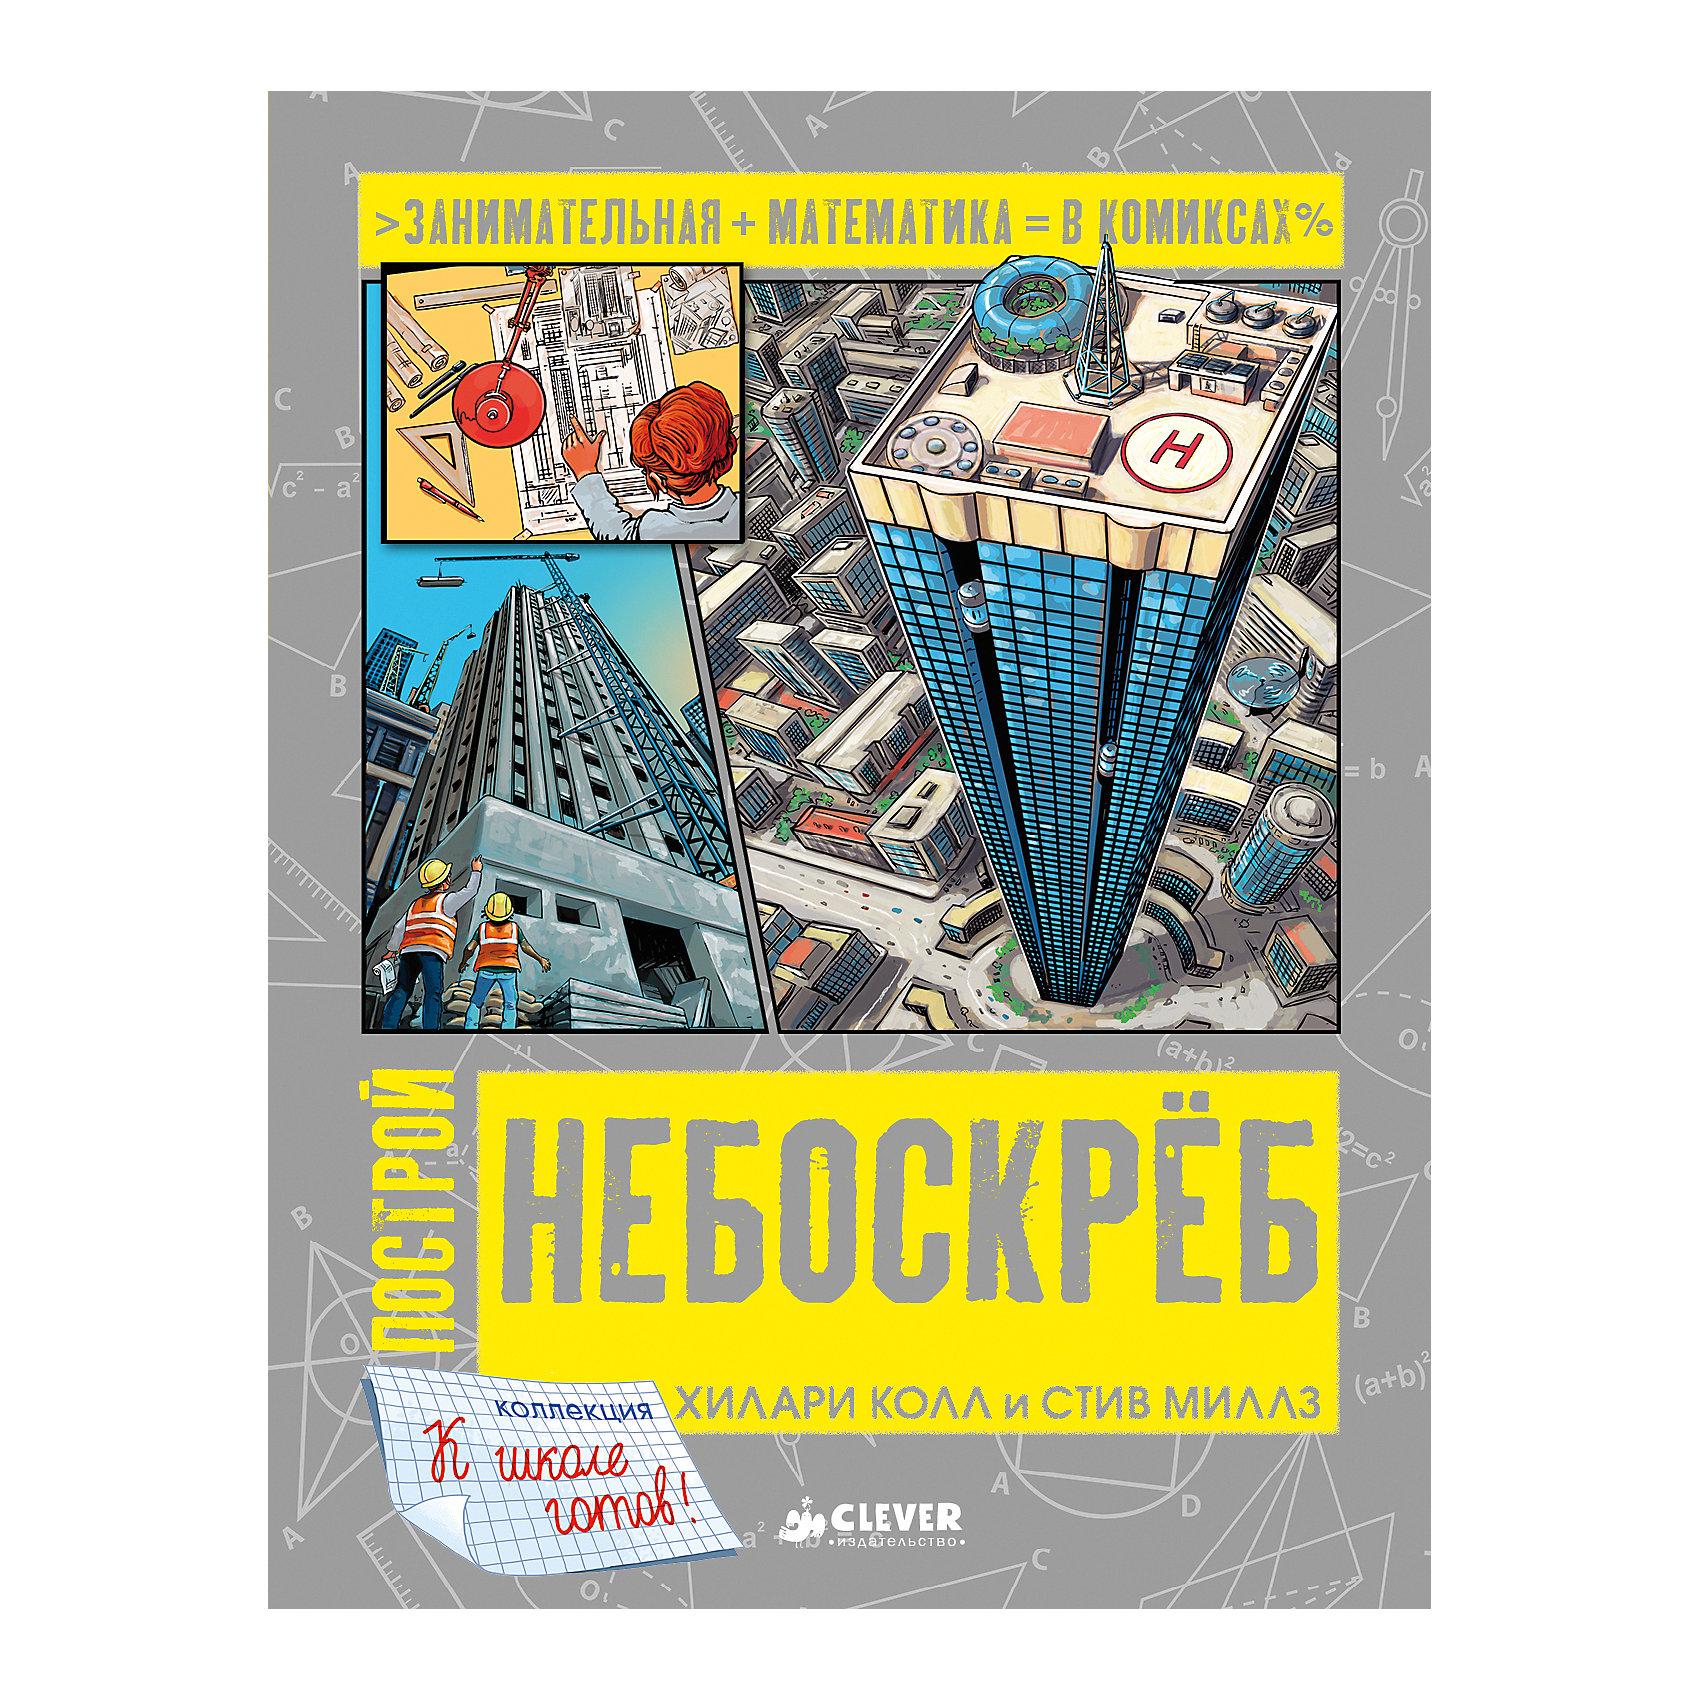 Книжка Построй небоскреб, CleverПодготовка к школе<br>Характеристики товара:<br><br>• ISBN: 978-5-906951-42-7;<br>• возраст: от 6 лет;<br>• формат: 84х108/16;<br>• бумага: мелованная;<br>• тип обложки: 7Б - твердая (плотная бумага или картон);<br>• оформление: частичная лакировка;<br>• иллюстрации: цветные;<br>• серия: Занимательная математика в комиксах;<br>• издательство: Клевер Медиа Групп, 2017 г.;<br>• автор: Колл Хилари, Миллз Стив;<br>• переводчик: Оксана Дереза;<br>• художник: Алексич Владимир;<br>• количество страниц: 32;<br>• размеры: 25,8х19,7х0,7 см;<br>• масса: 304 г.<br><br>Архитекторы из красочных комиксов расскажут ребятам о том, как математика способна помочь построить самый высокий небоскреб. Мальчики и девочки научатся решать нестандартные задачи, выполнять логические и вычислительные задания, а также справляться с различными по сложности школьными и олимпиадными заданиями по математике. <br><br>Издание помогает развить в детях интерес к точным наукам и углубленно изучать школьные предметы.<br><br>Книгу «Построй небоскреб», Колл Хилари и Миллз Стив, Клевер Медиа Групп, можно купить в нашем интернет-магазине.<br><br>Ширина мм: 250<br>Глубина мм: 190<br>Высота мм: 10<br>Вес г: 318<br>Возраст от месяцев: 72<br>Возраст до месяцев: 2147483647<br>Пол: Унисекс<br>Возраст: Детский<br>SKU: 7004700